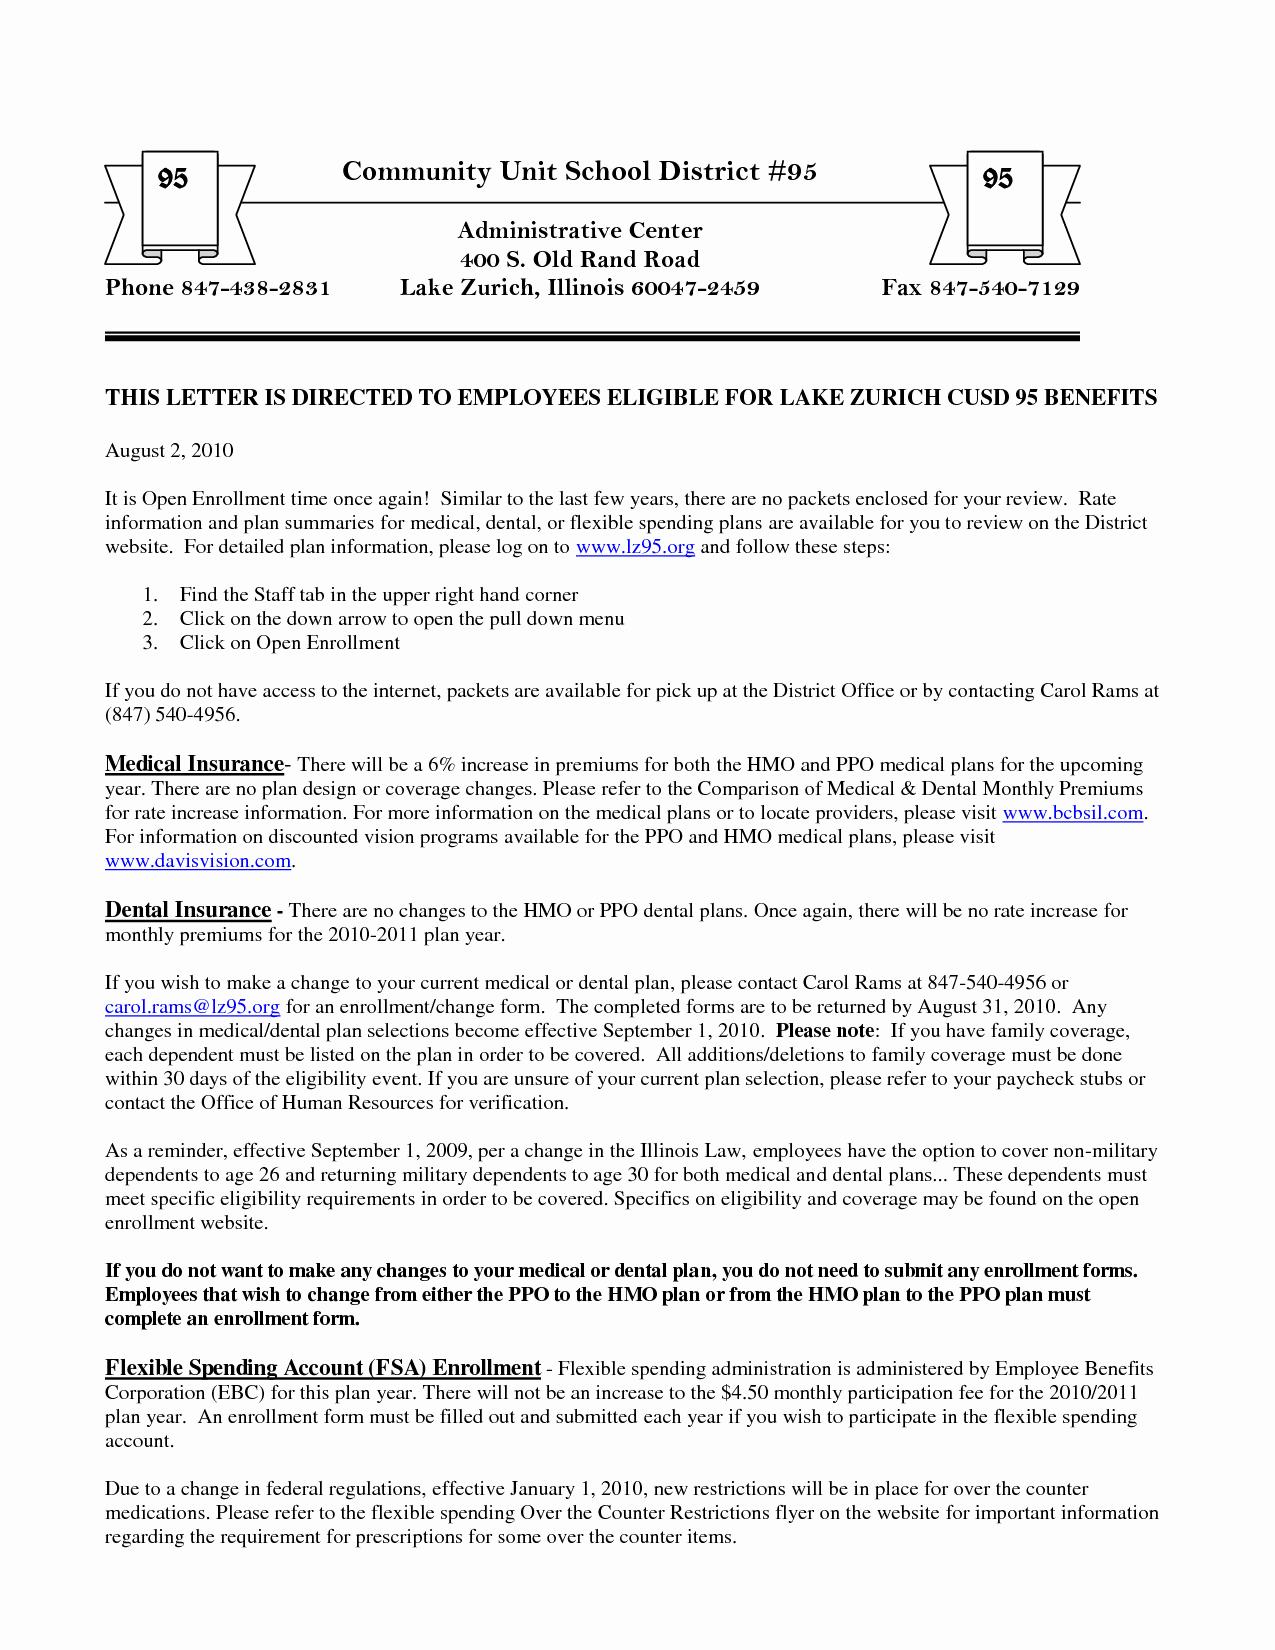 Sample Open Enrollment Letters Beautiful 10 Best Of Benefit Enrollment Letters Benefits